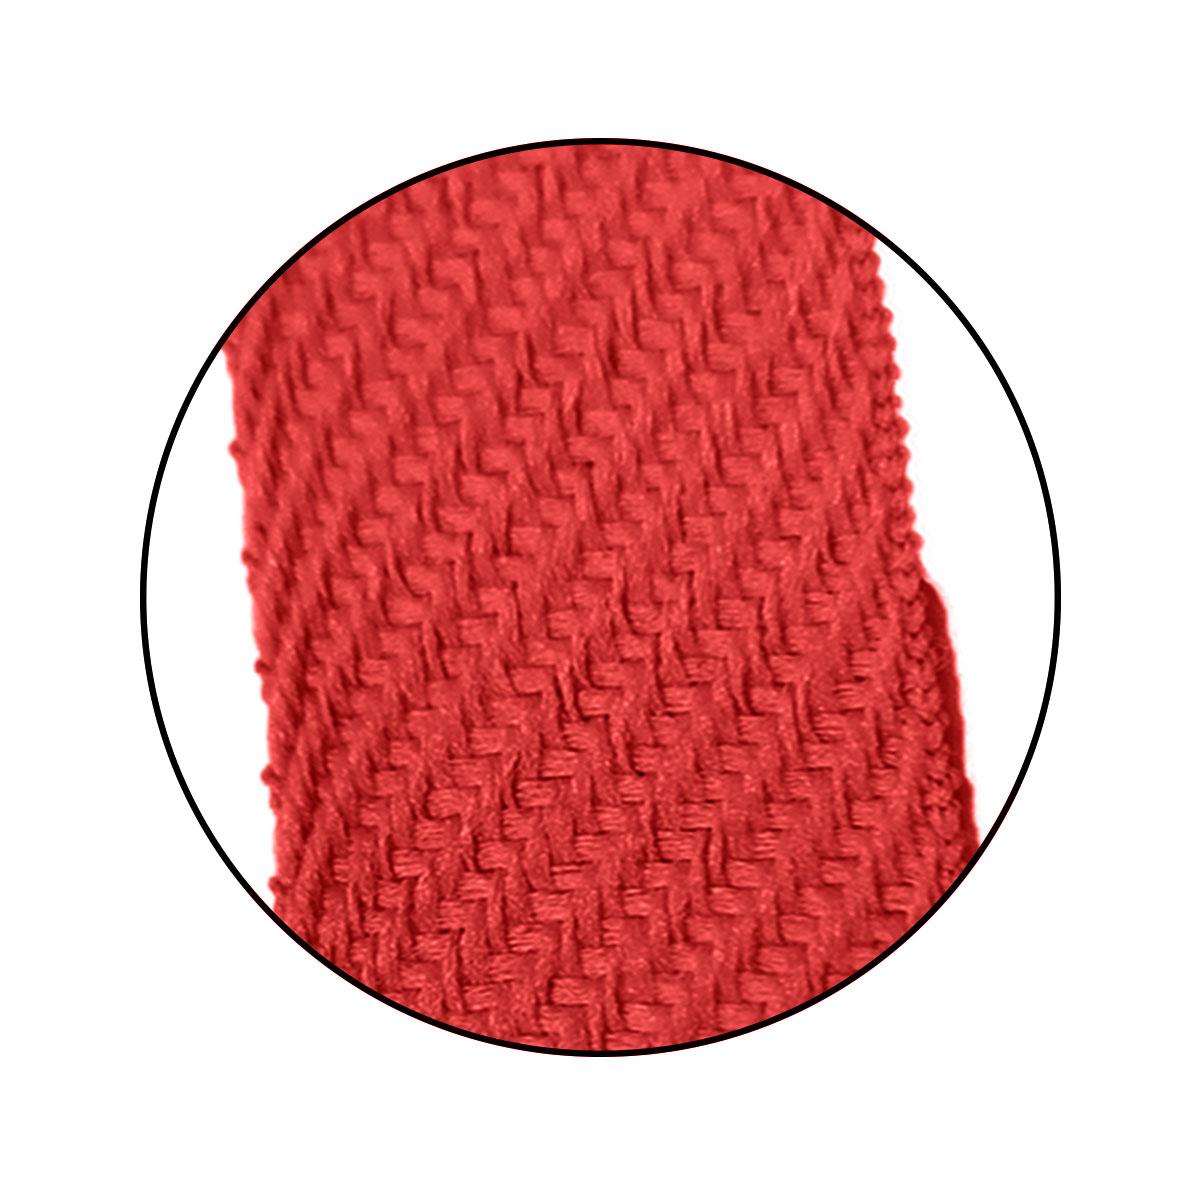 Alça Chata 7mm x 37 cm - Cortada S/ Acetato (100 unidades)